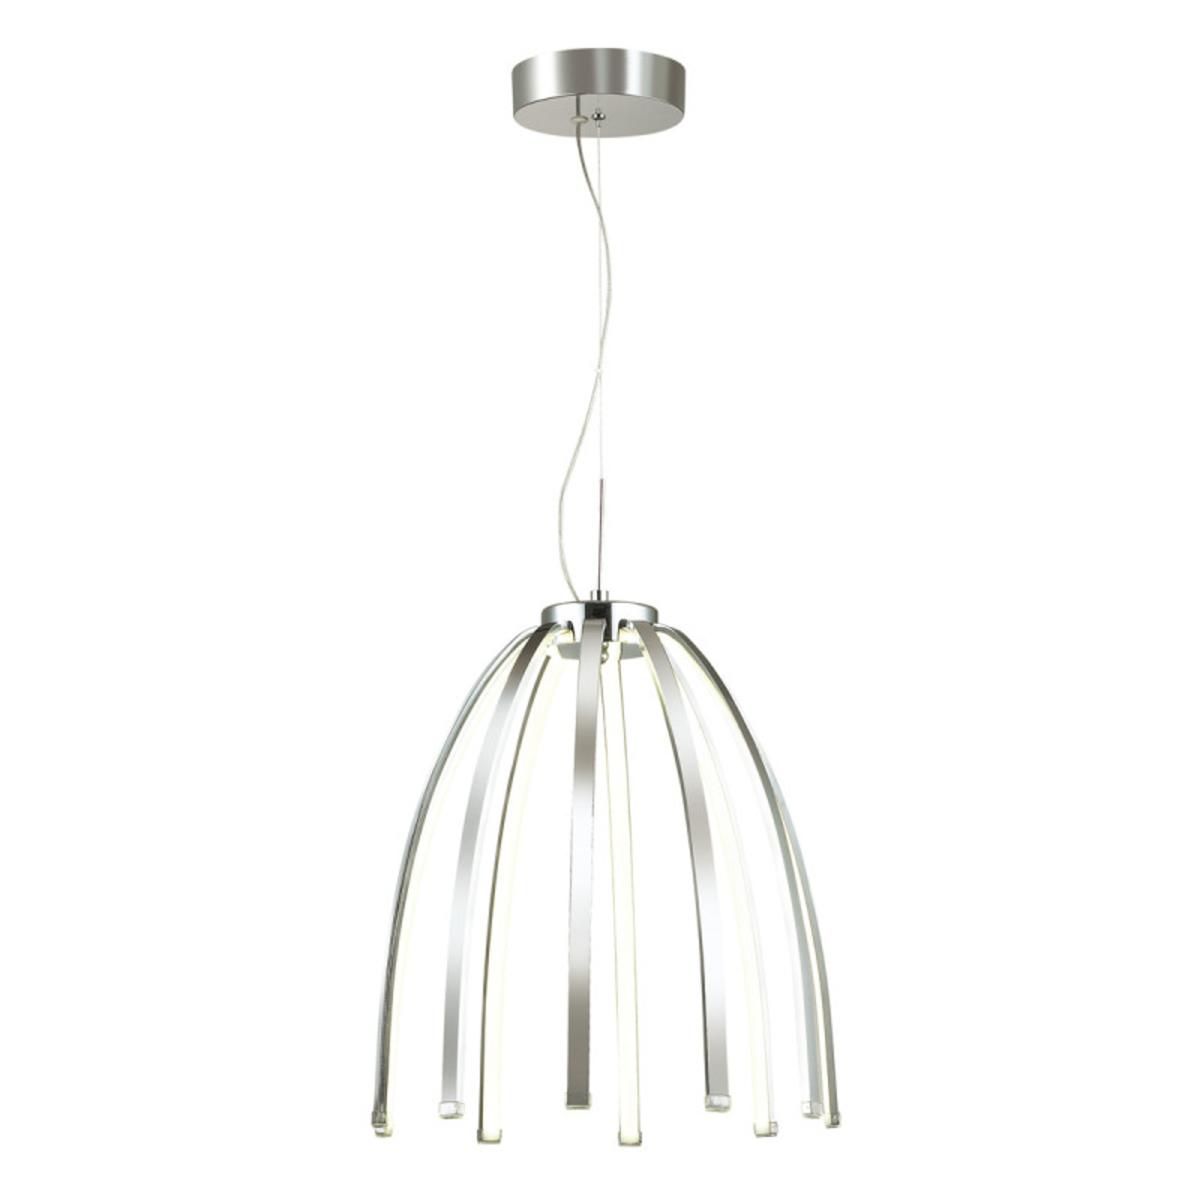 Купить Подвесной светильник CALVADA Подвесной светильник Odeon Light 4102/99CL (15561), HomeMe